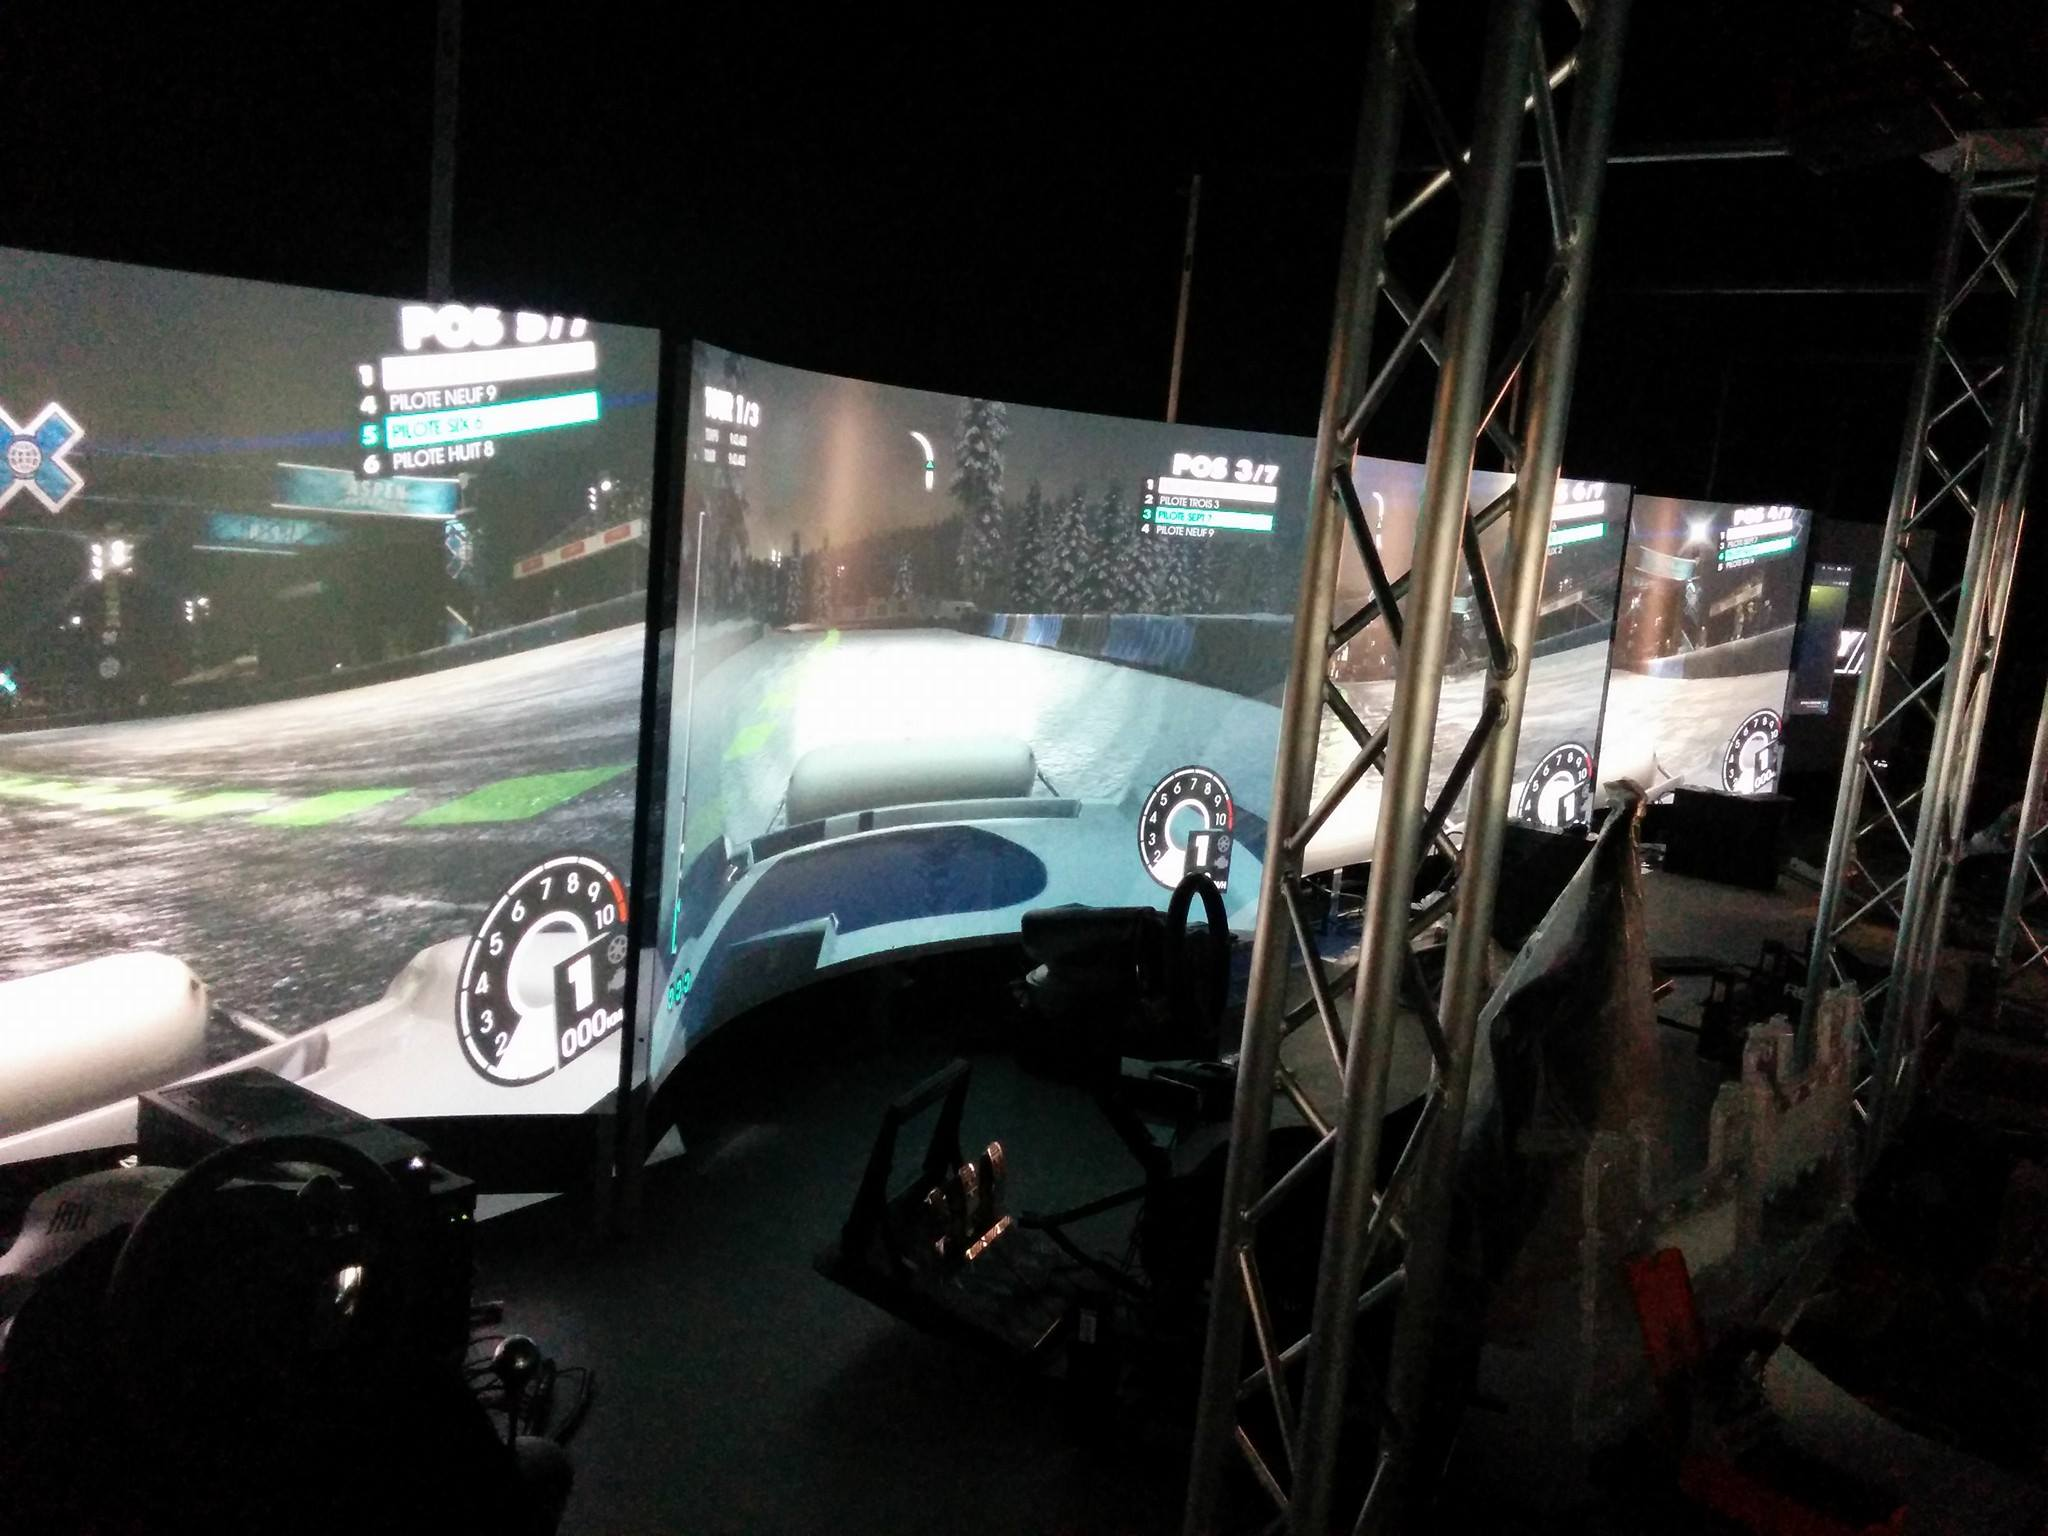 Carnets CE 25 sessions sur Simulateur 90°